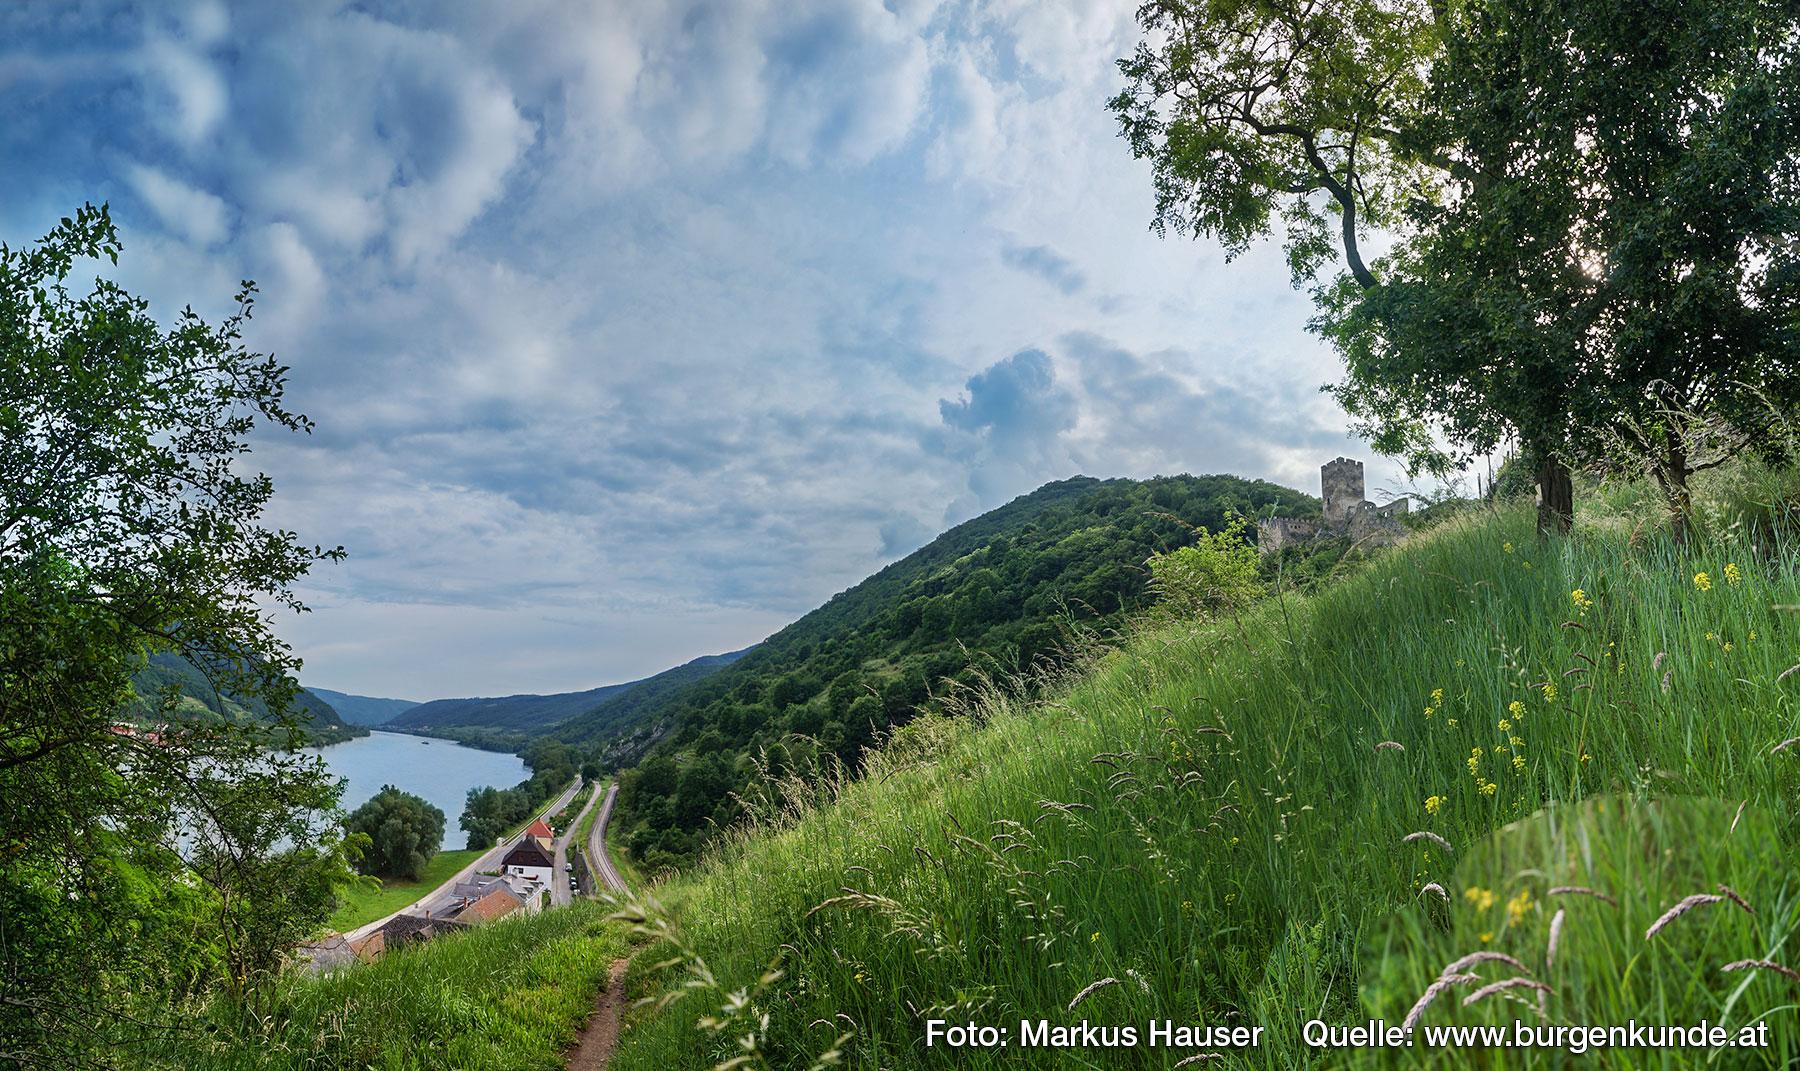 Auf einem zur Donau hin abfallenden Ausläufer des Jauerlingmassivs, genannt Hausberg, liegt inmitten von Weinbergen die Ruine Hinterhaus.